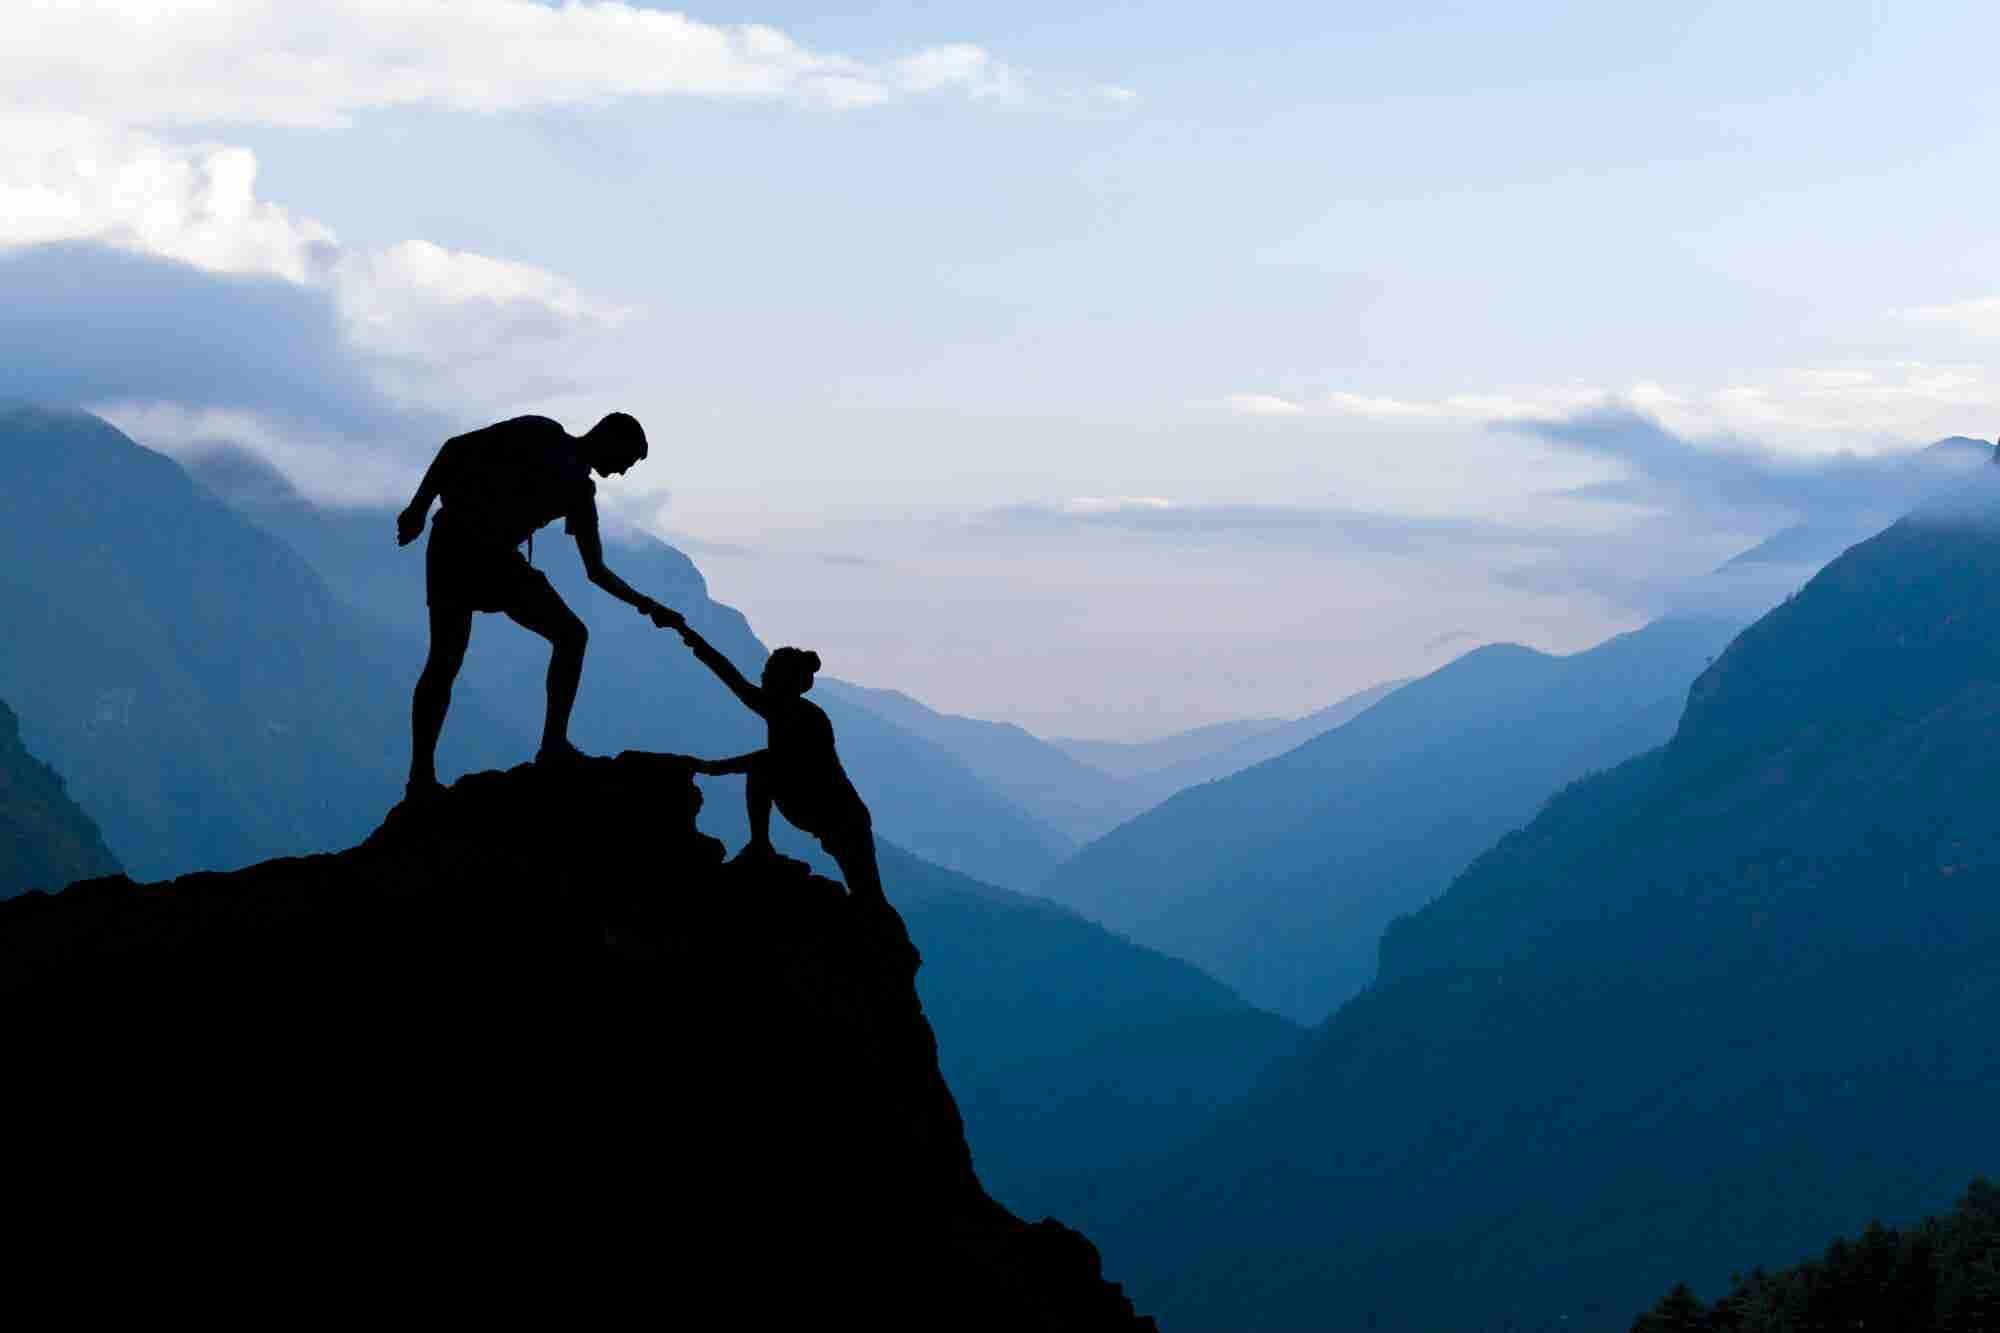 Cómo hacer crecer tu negocio empoderando a otros